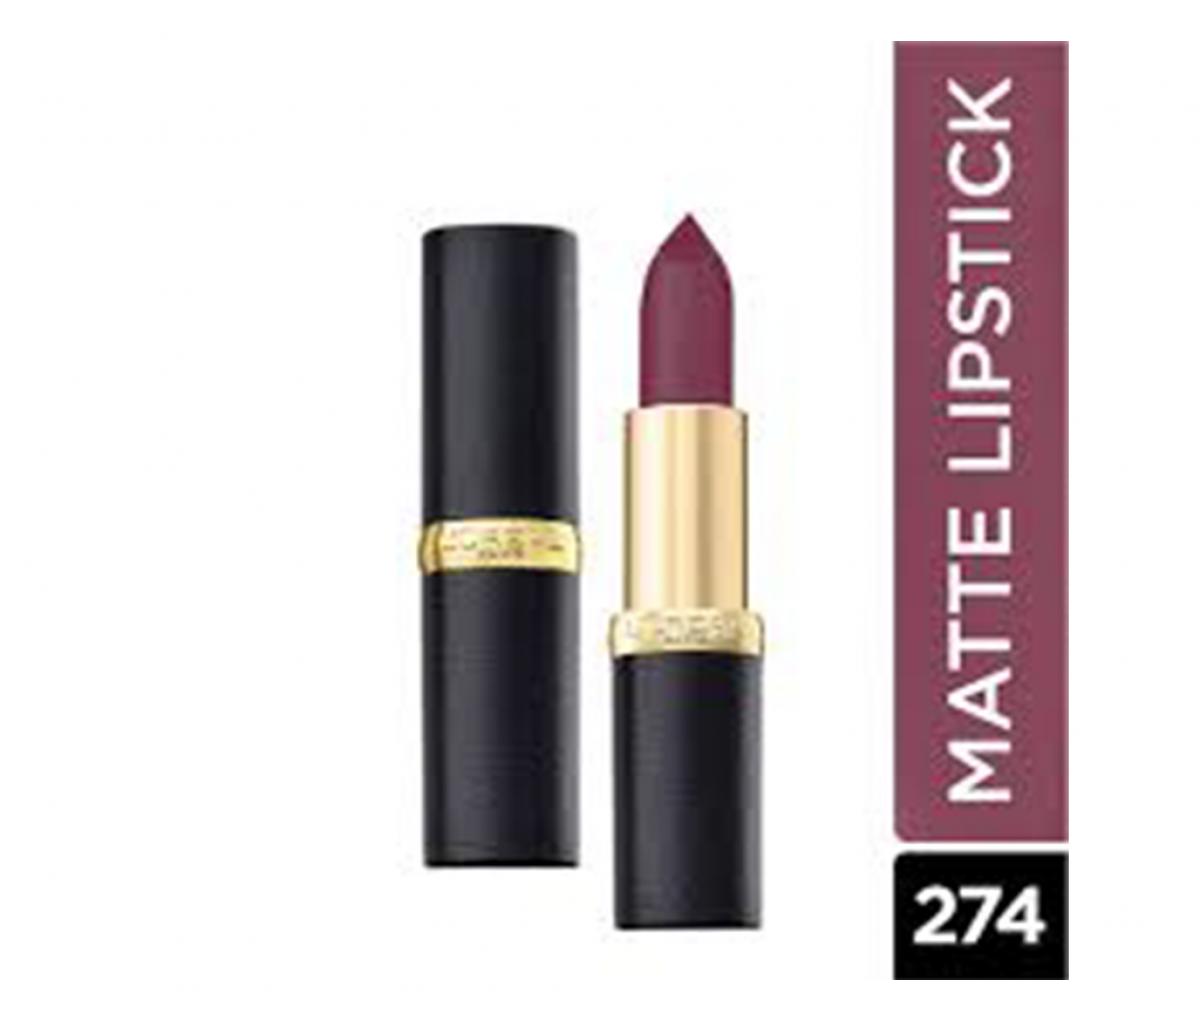 L'Oréal Paris colour Riche Matte Lipstick 274 Muave Petal